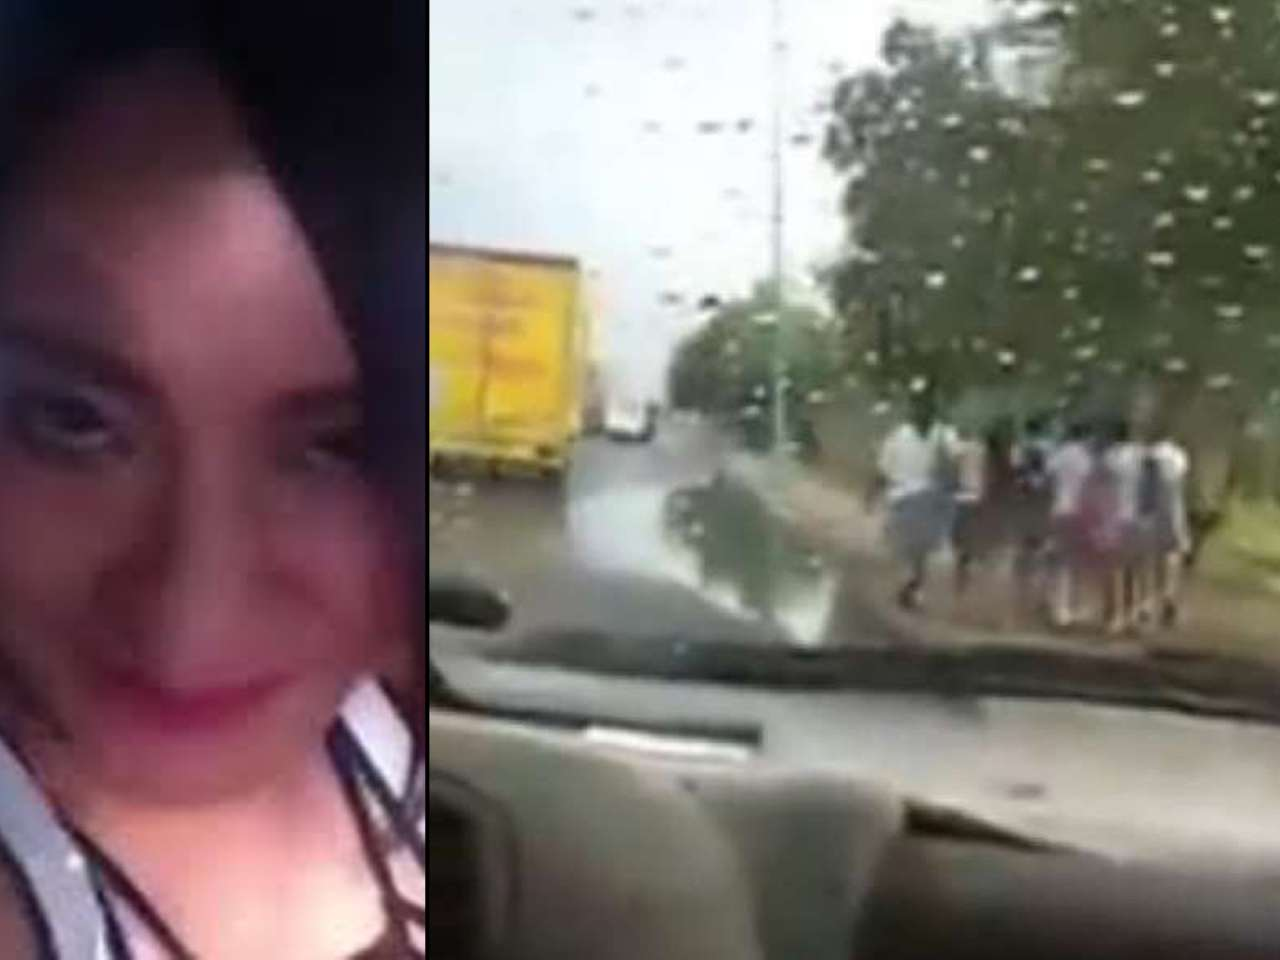 En el video se aprecia cuando #LadyCharcos calcula el momento para acelerar y pasar sobre el agua cuando cinco estudiantes caminan enfrente Foto: Imagen tomada de Youtube